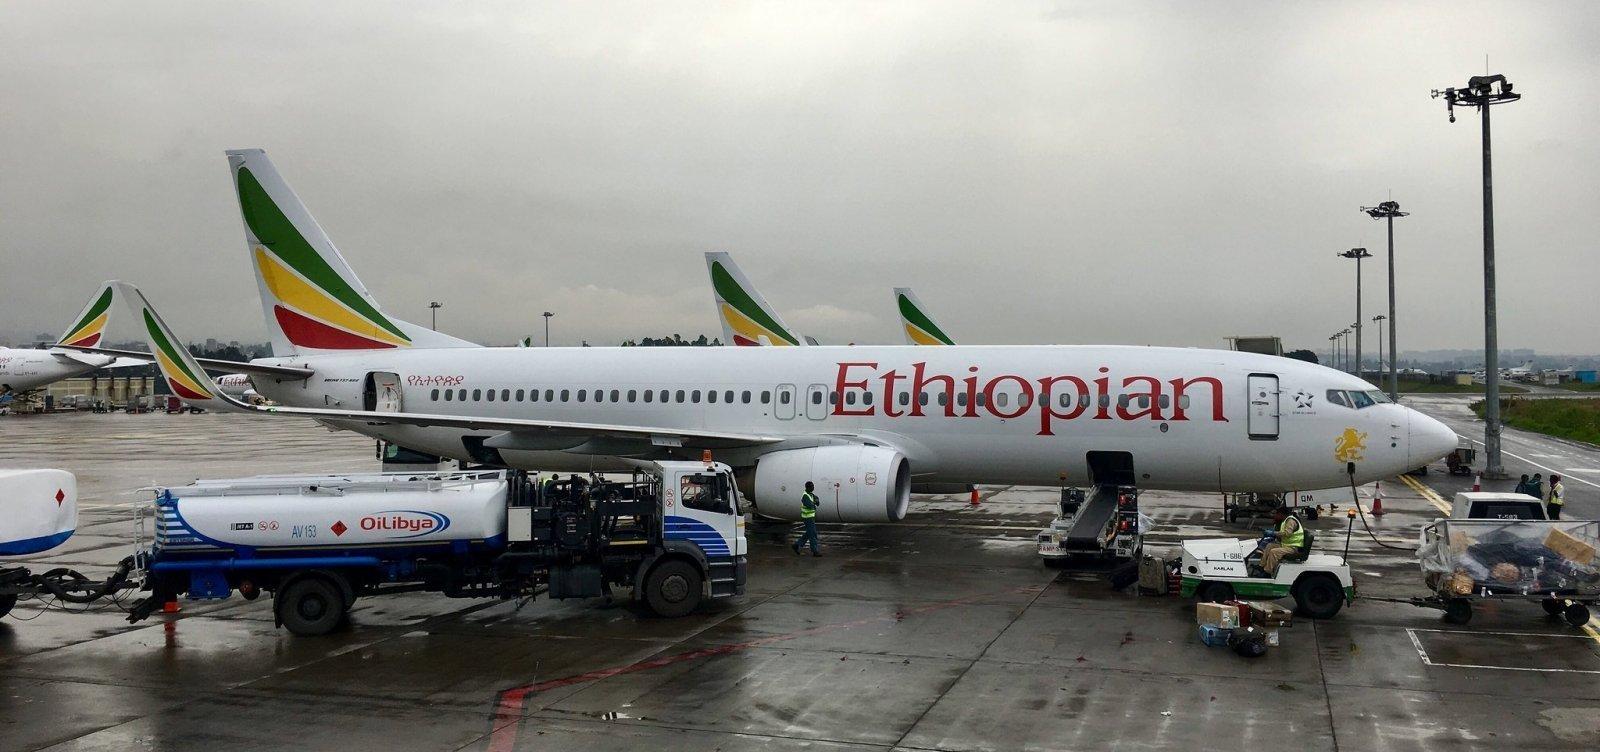 [Agência de aviação da Europa suspende voos com Boeing 737 MAX 8]